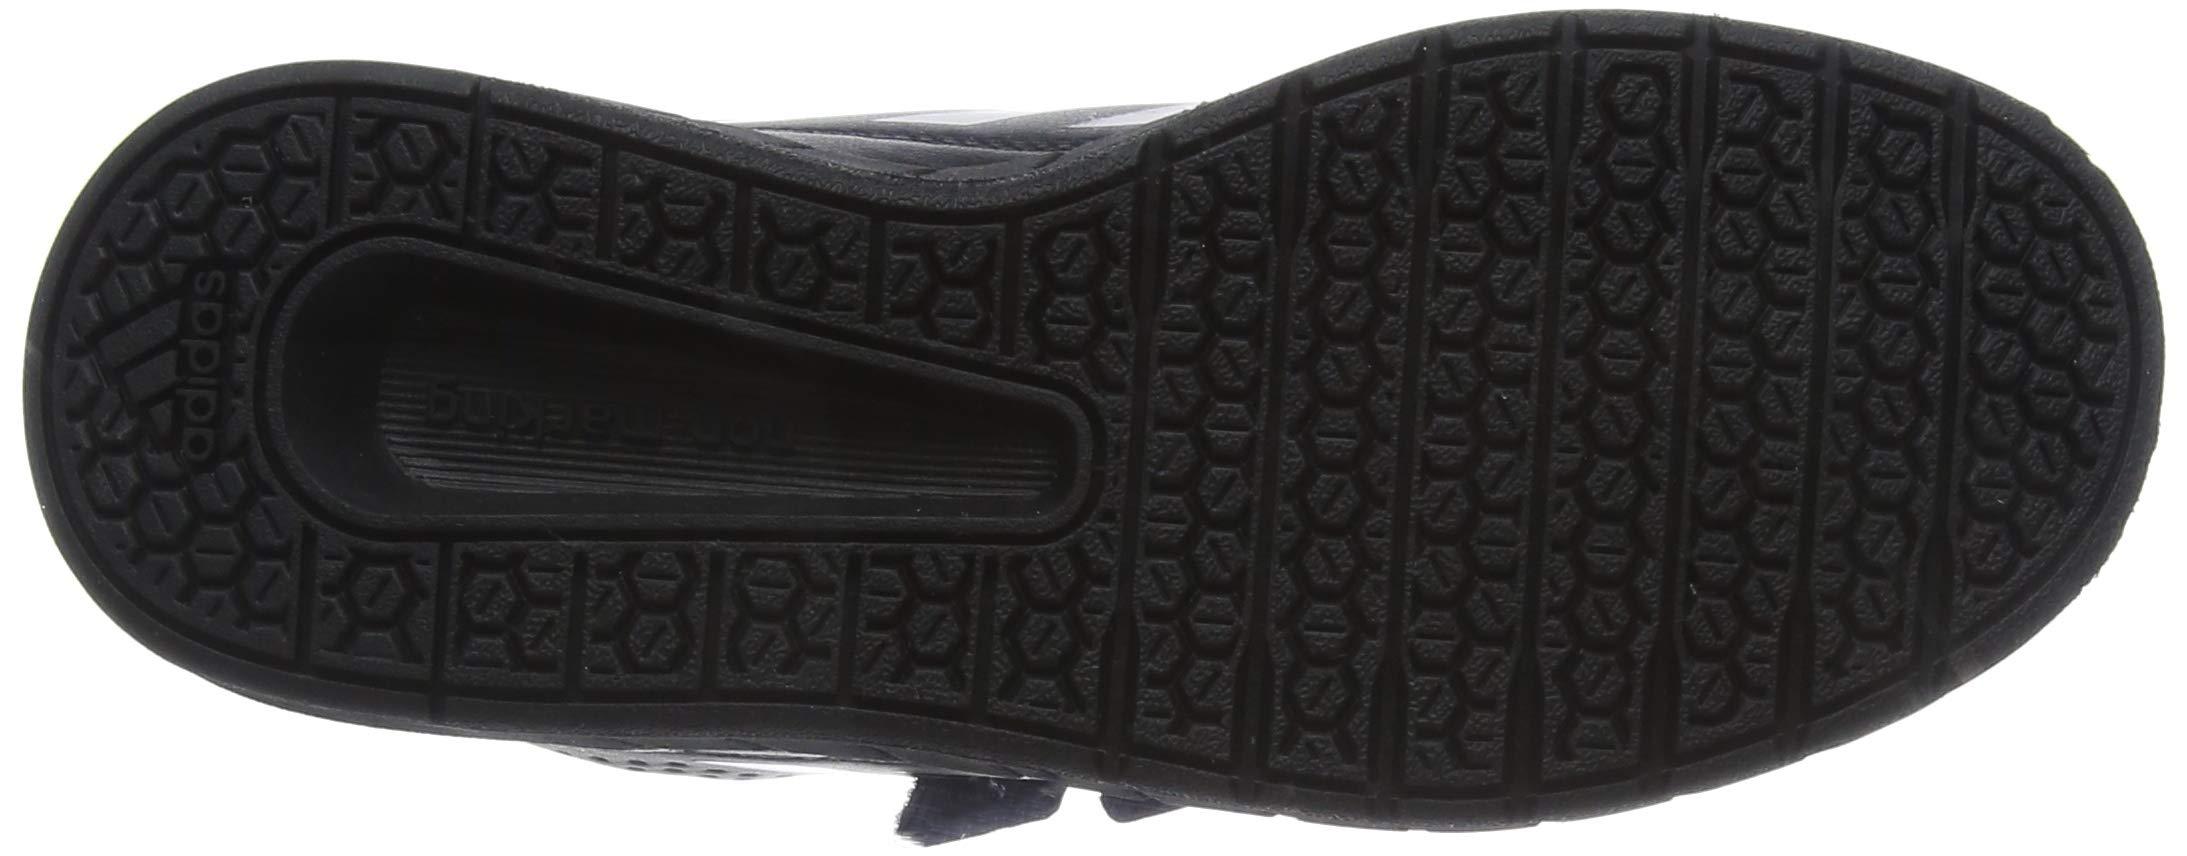 adidas Altasport CF, Zapatillas Unisex Niños